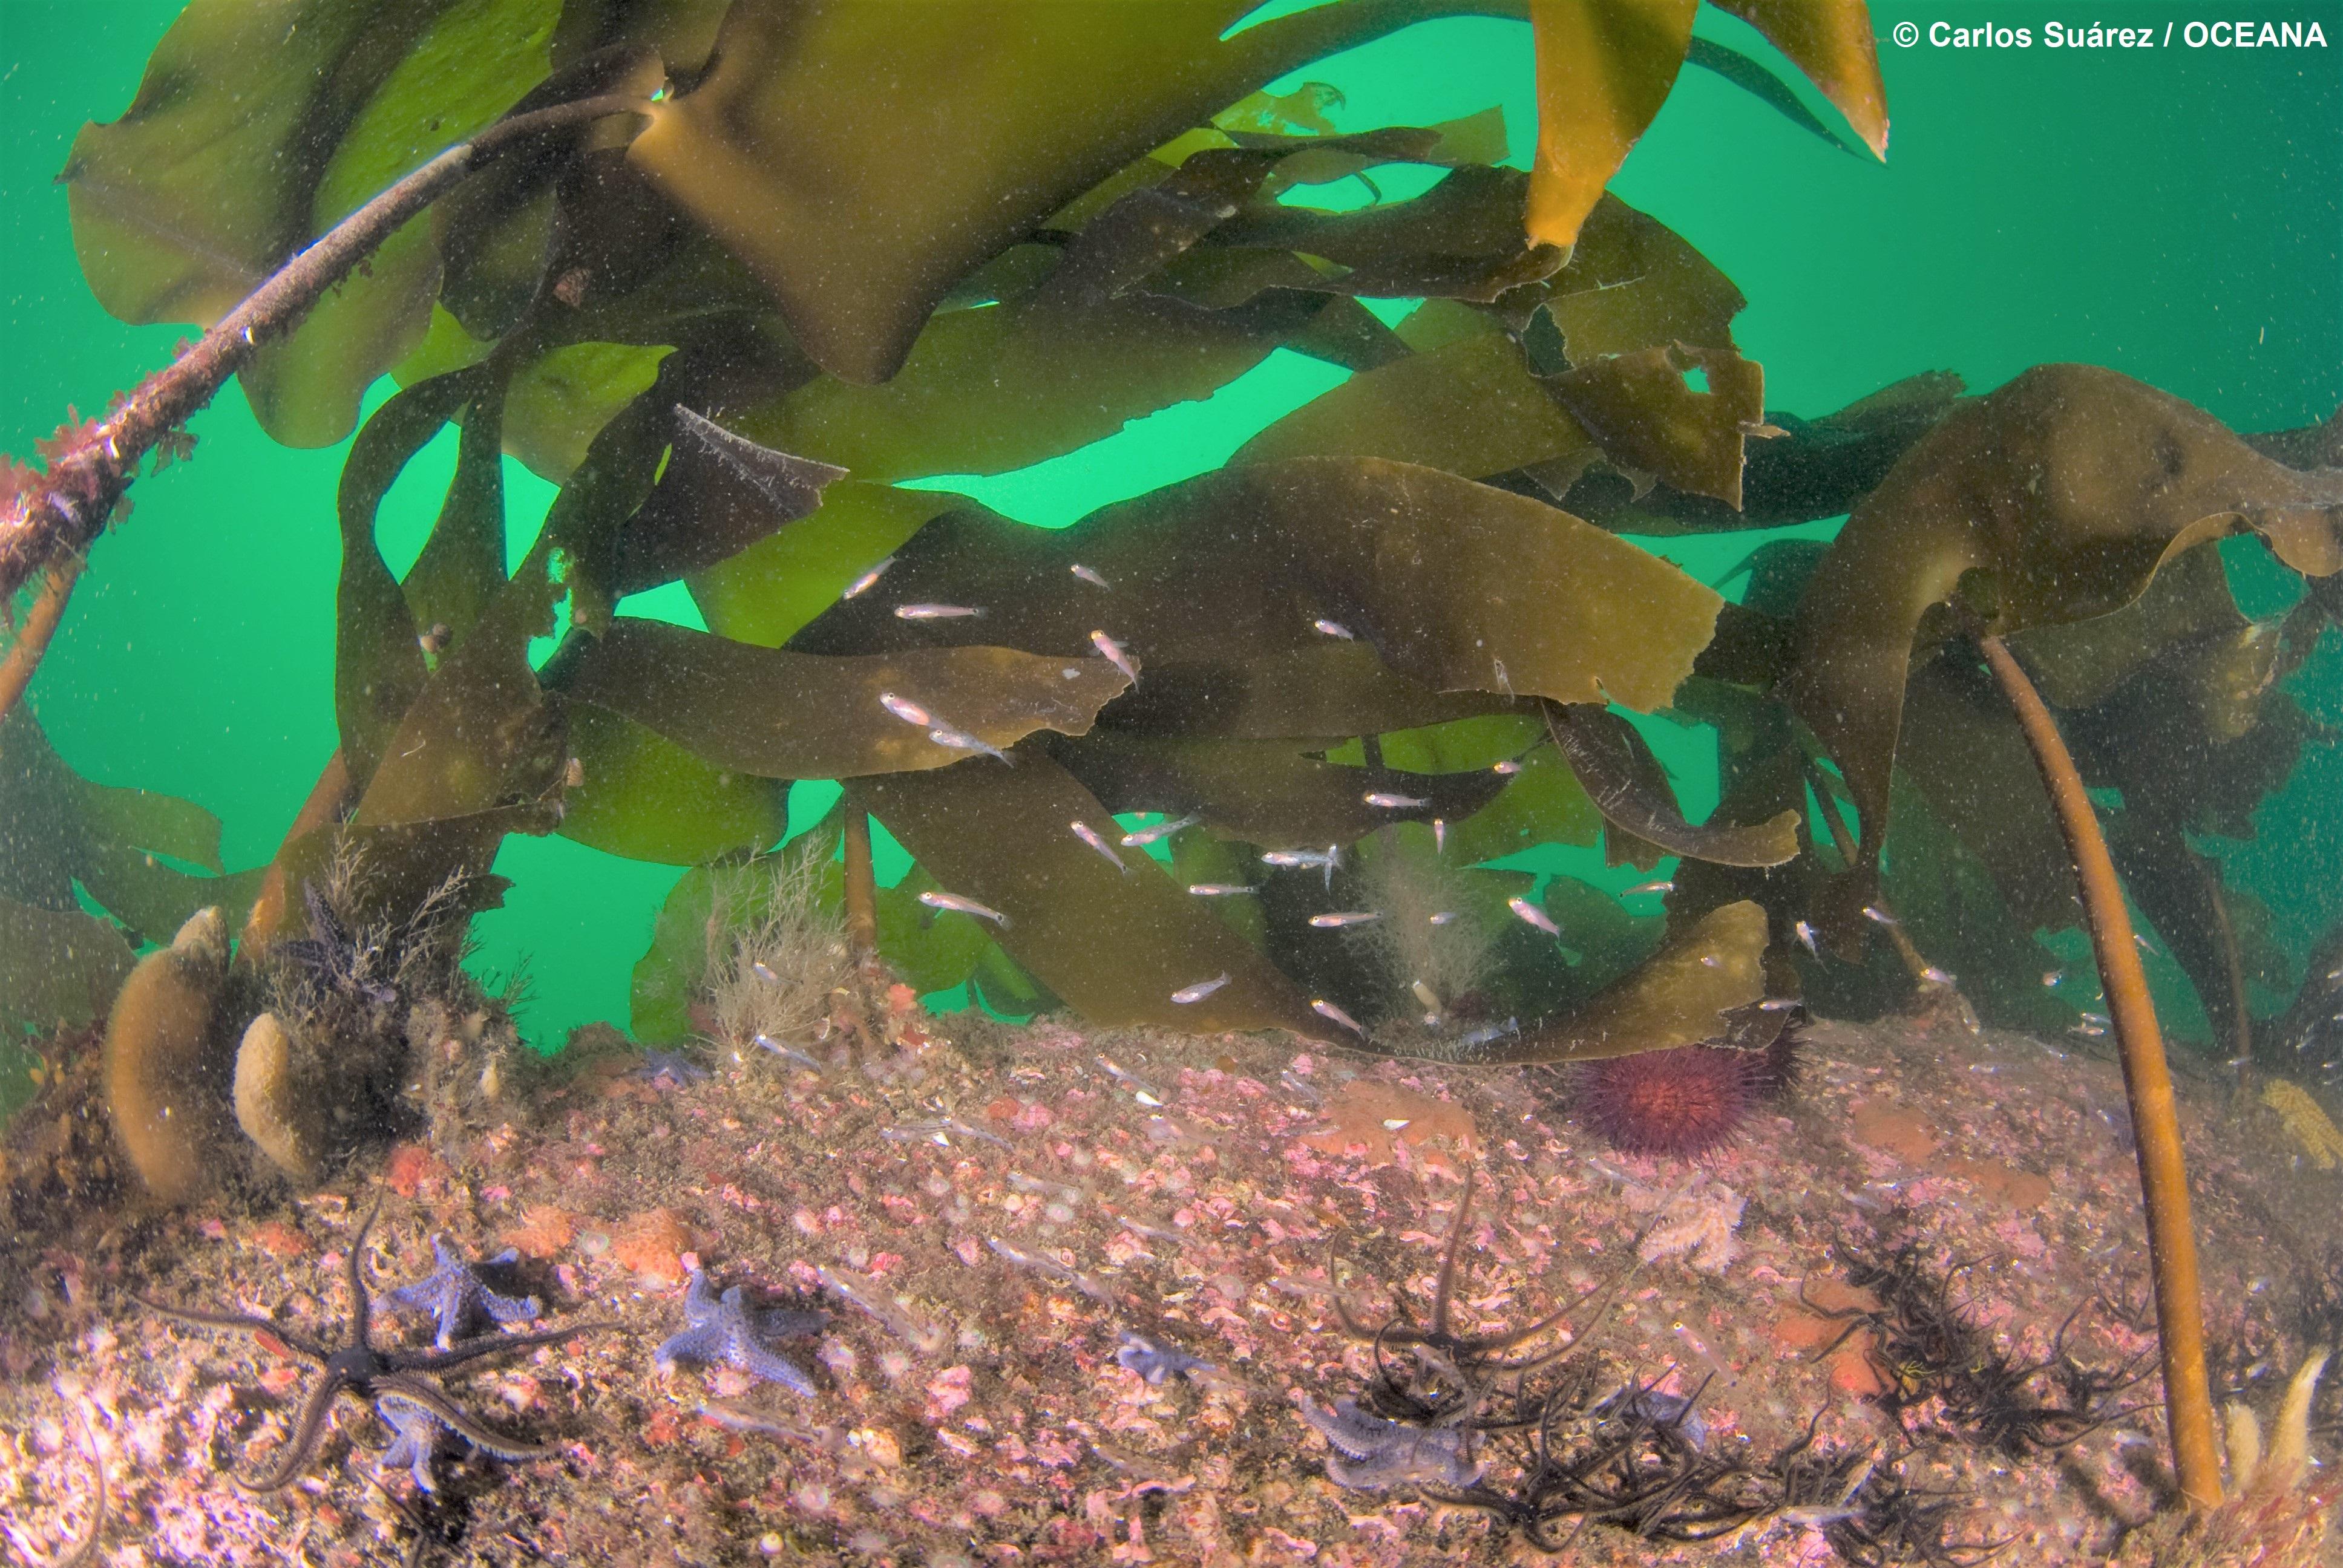 Bosque de laminarias en aguas de Galicia. Imagen: Carlos Suárez / OCEANA